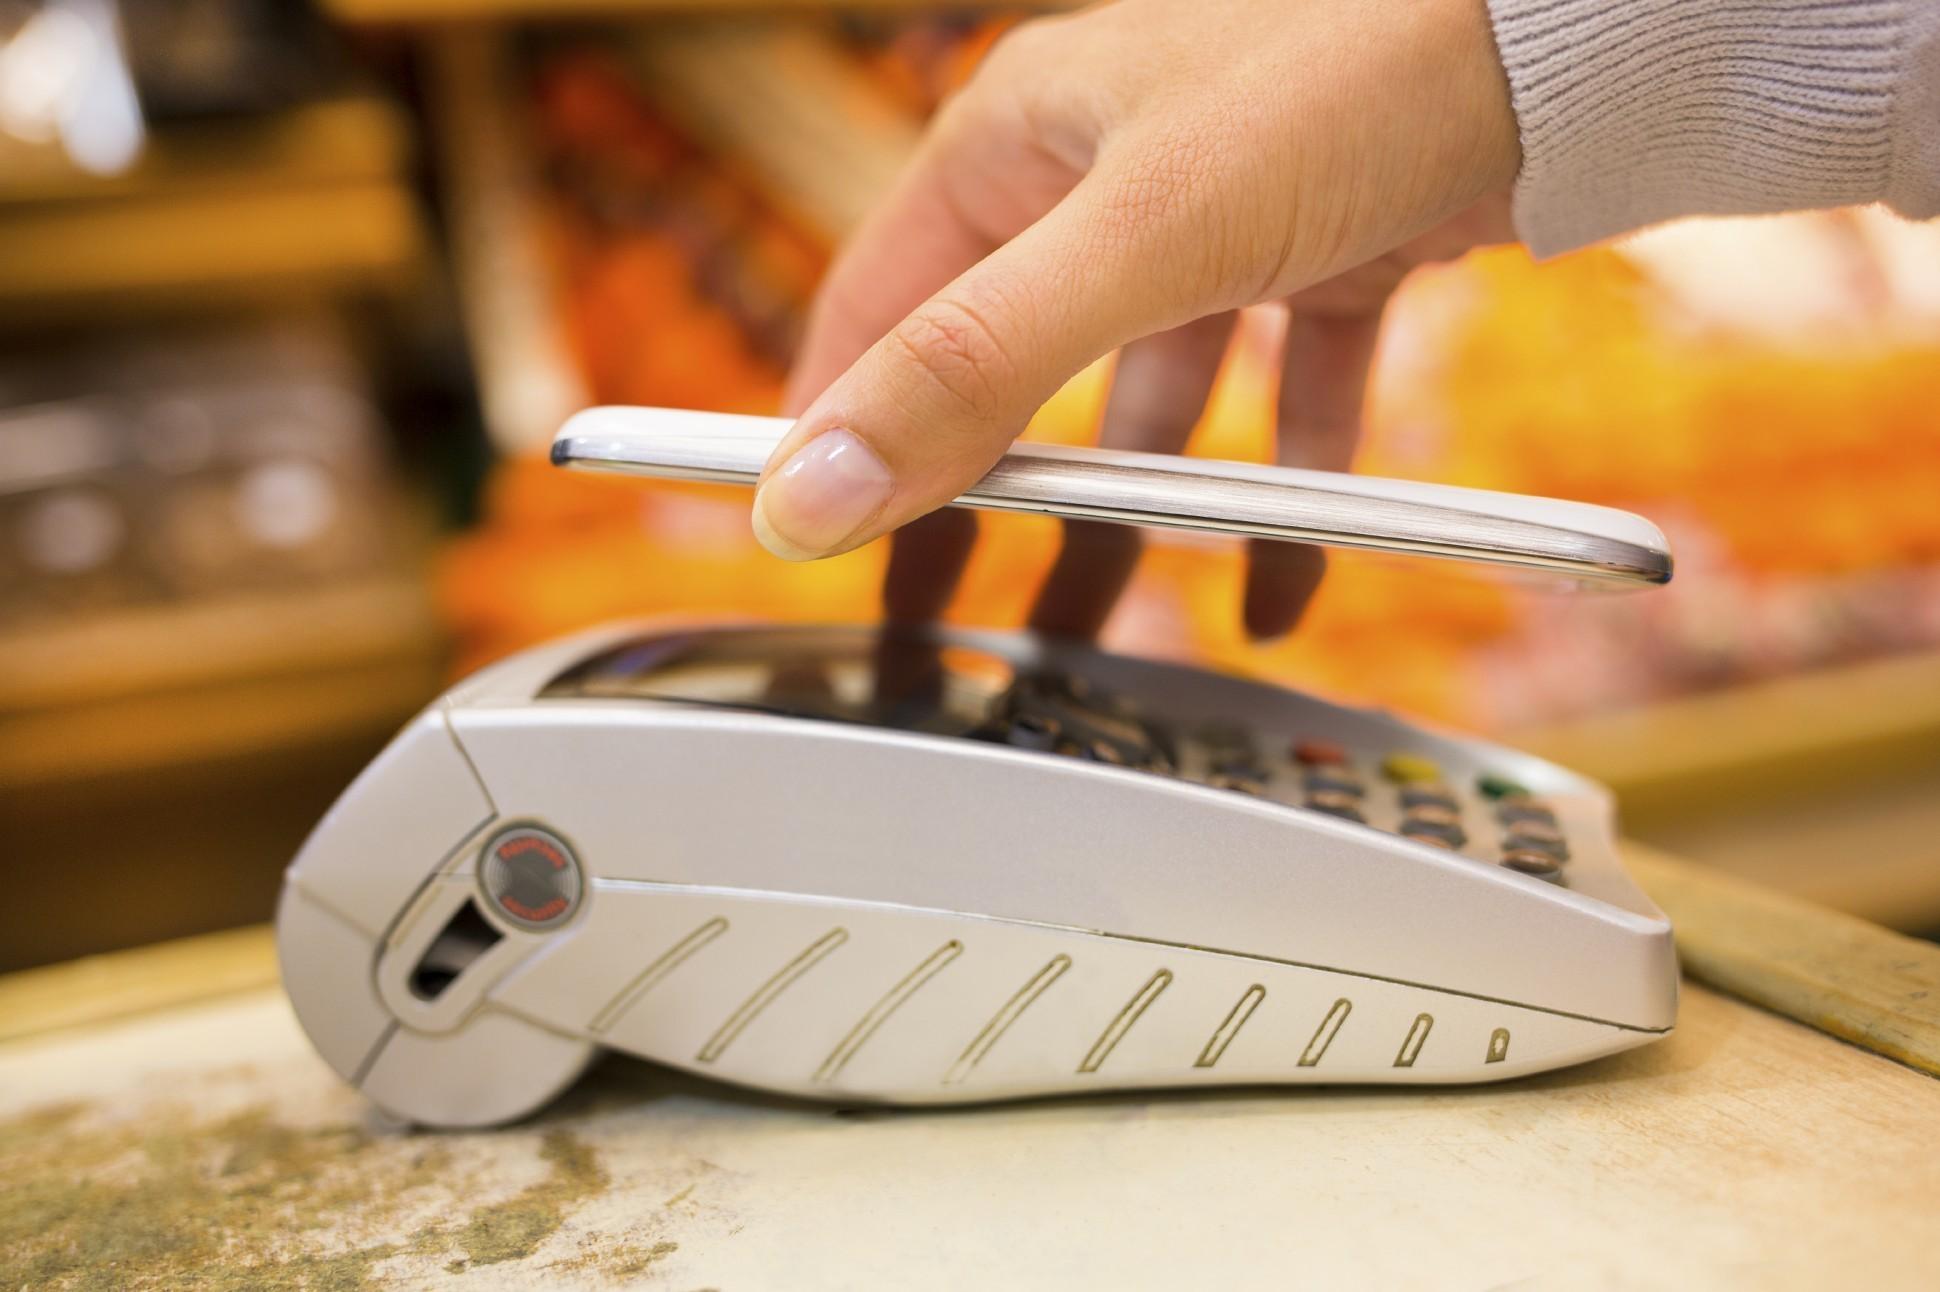 In danimarca solo pagamenti digitali o con carte nei - Mobili danimarca ...